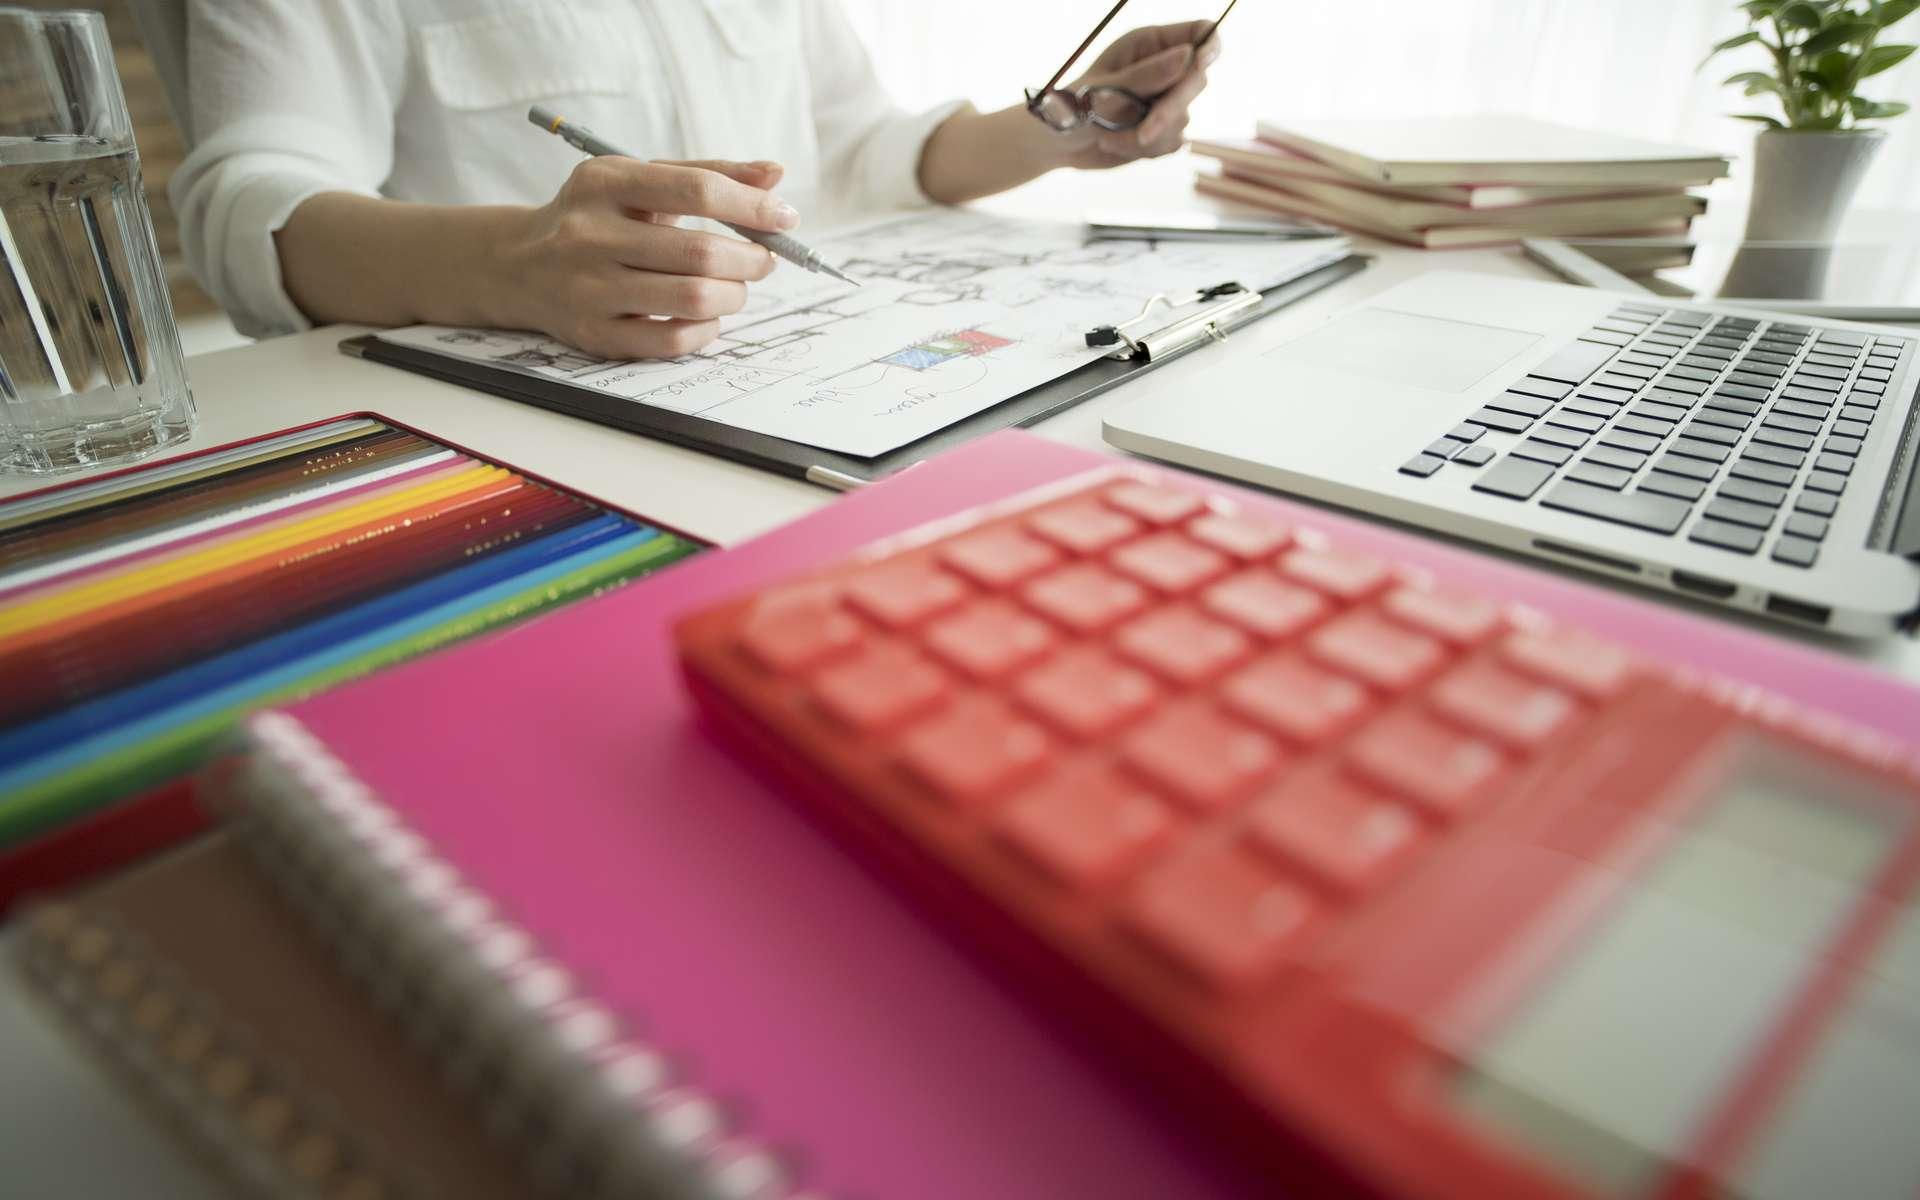 Il existe différents outils en ligne qui simplifient les tâches d'un entrepreneur. © Monet, Adobe Stock